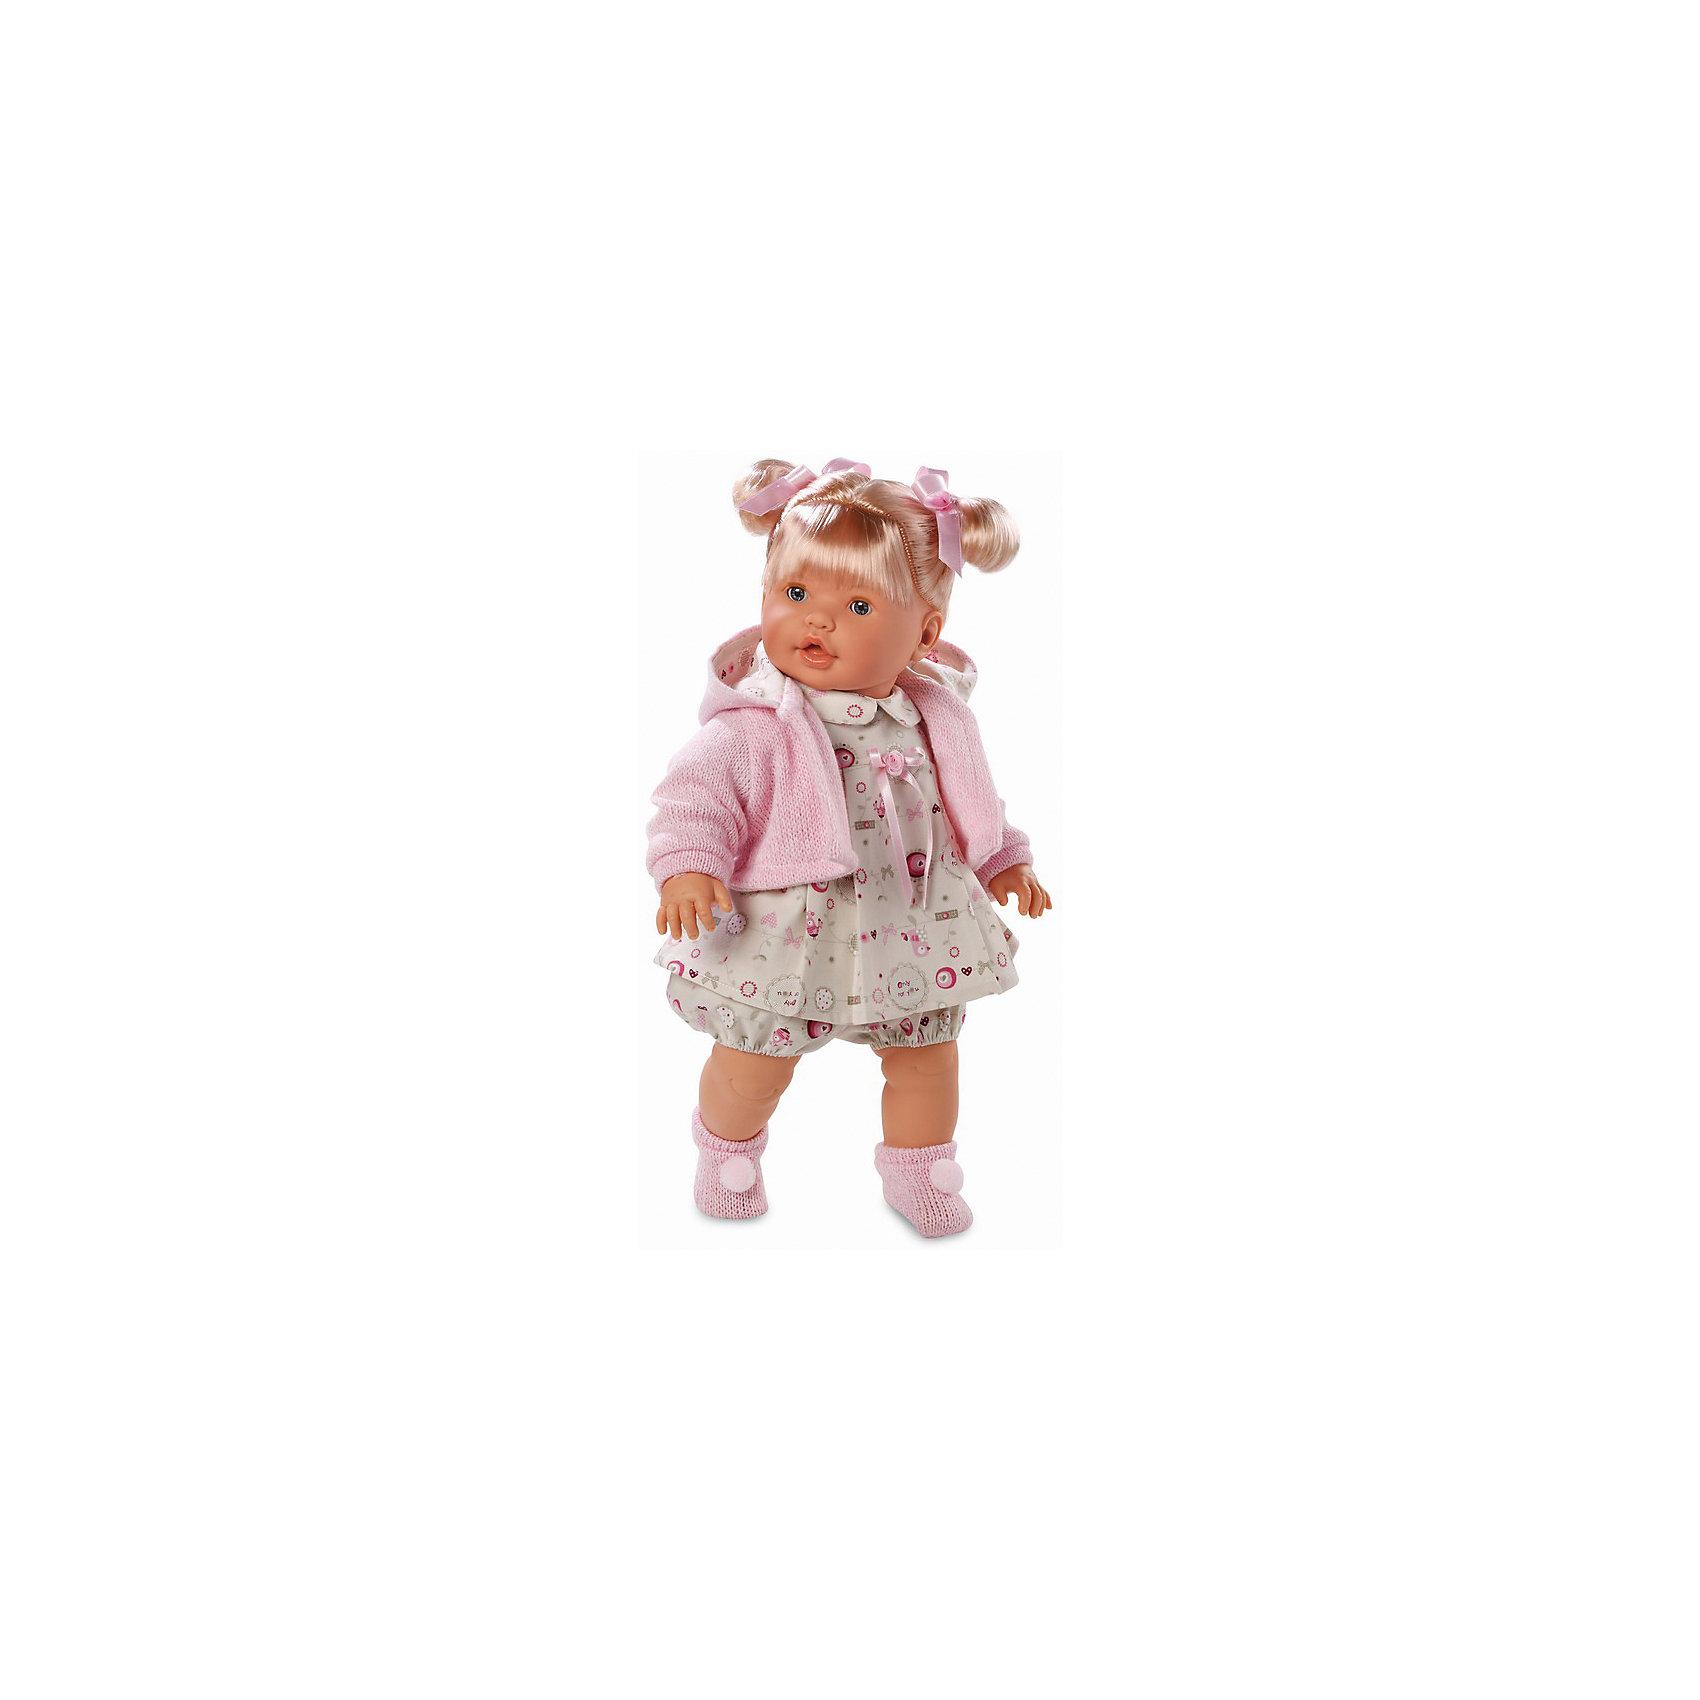 Кукла, 48 см, LlorensКлассические куклы<br>Характеристики:<br><br>• Предназначение: для сюжетно-ролевых игр<br>• Тип куклы: мягконабивная<br>• Пол куклы: девочка <br>• Цвет волос: блондинка<br>• Материал: поливинилхлорид, пластик, нейлон, текстиль<br>• Цвет: розовый, белый, бежевый<br>• Высота куклы: 48 см<br>• Комплектация: кукла, платье, панталончики, носочки, кофточка<br>• Вес: 1 кг 750 г<br>• Размеры упаковки (Д*В*Ш): 23*45*12 см<br>• Упаковка: подарочная картонная коробка <br>• Особенности ухода: допускается деликатная стирка без использования красящих и отбеливающих средств предметов одежды куклы<br><br>Кукла 48 см без звука – кукла, производителем которого является всемирно известный испанский кукольный бренд Llorens. Куклы этой торговой марки имеют свою неповторимую внешность и целую линейку образов как пупсов, так и кукол-малышей. Игрушки выполнены из сочетания поливинилхлорида и пластика, что позволяет с высокой долей достоверности воссоздать физиологические и мимические особенности маленьких детей. При изготовлении кукол Llorens используются только сертифицированные материалы, безопасные и не вызывающие аллергических реакций. Волосы у кукол отличаются густотой, шелковистостью и блеском, при расчесывании они не выпадают и не ломаются.<br>Кукла 48 см без звука выполнена в образе малышки: у нее светлые волосы, собранные в два хвостика, и голубые глаза. Комплект одежды состоит из платьица с отложным воротничком, панталончиков, вязаной кофточки с капюшоном и розовых носочков с белыми помпонами.<br>Кукла 48 см без звука – это идеальный вариант для подарка к различным праздникам и торжествам.<br><br>Куклу 48 см без звука можно купить в нашем интернет-магазине.<br><br>Ширина мм: 23<br>Глубина мм: 45<br>Высота мм: 12<br>Вес г: 1750<br>Возраст от месяцев: 36<br>Возраст до месяцев: 84<br>Пол: Женский<br>Возраст: Детский<br>SKU: 5086921